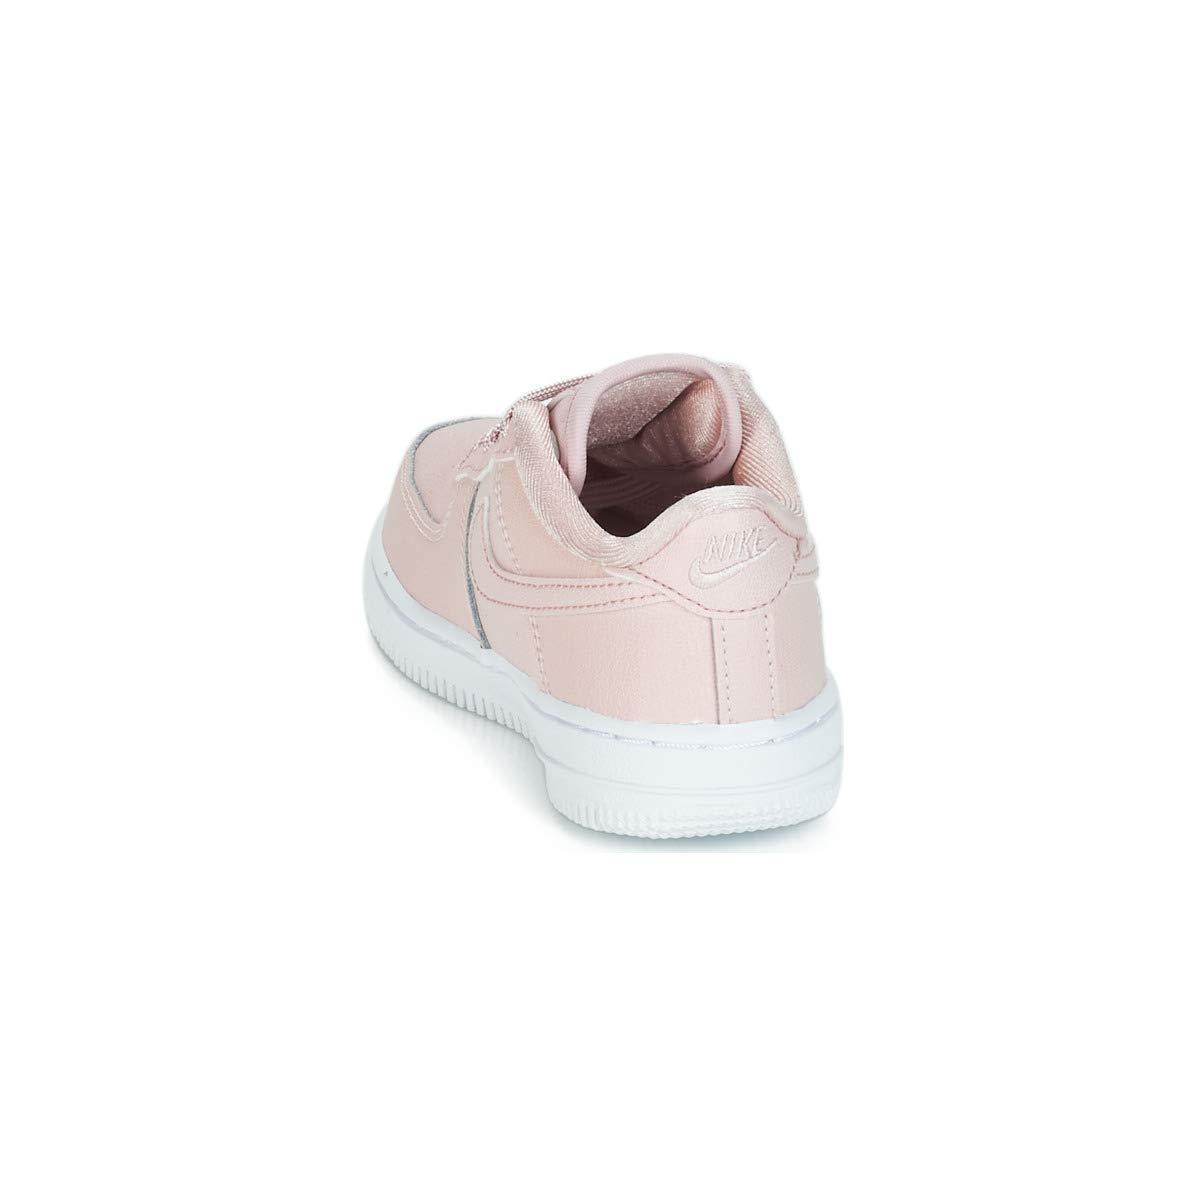 best service fd584 2e3f5 Nike Unisex-Kinder Force 1 Ss (Td) Fitnessschuhe: Amazon.de: Schuhe &  Handtaschen